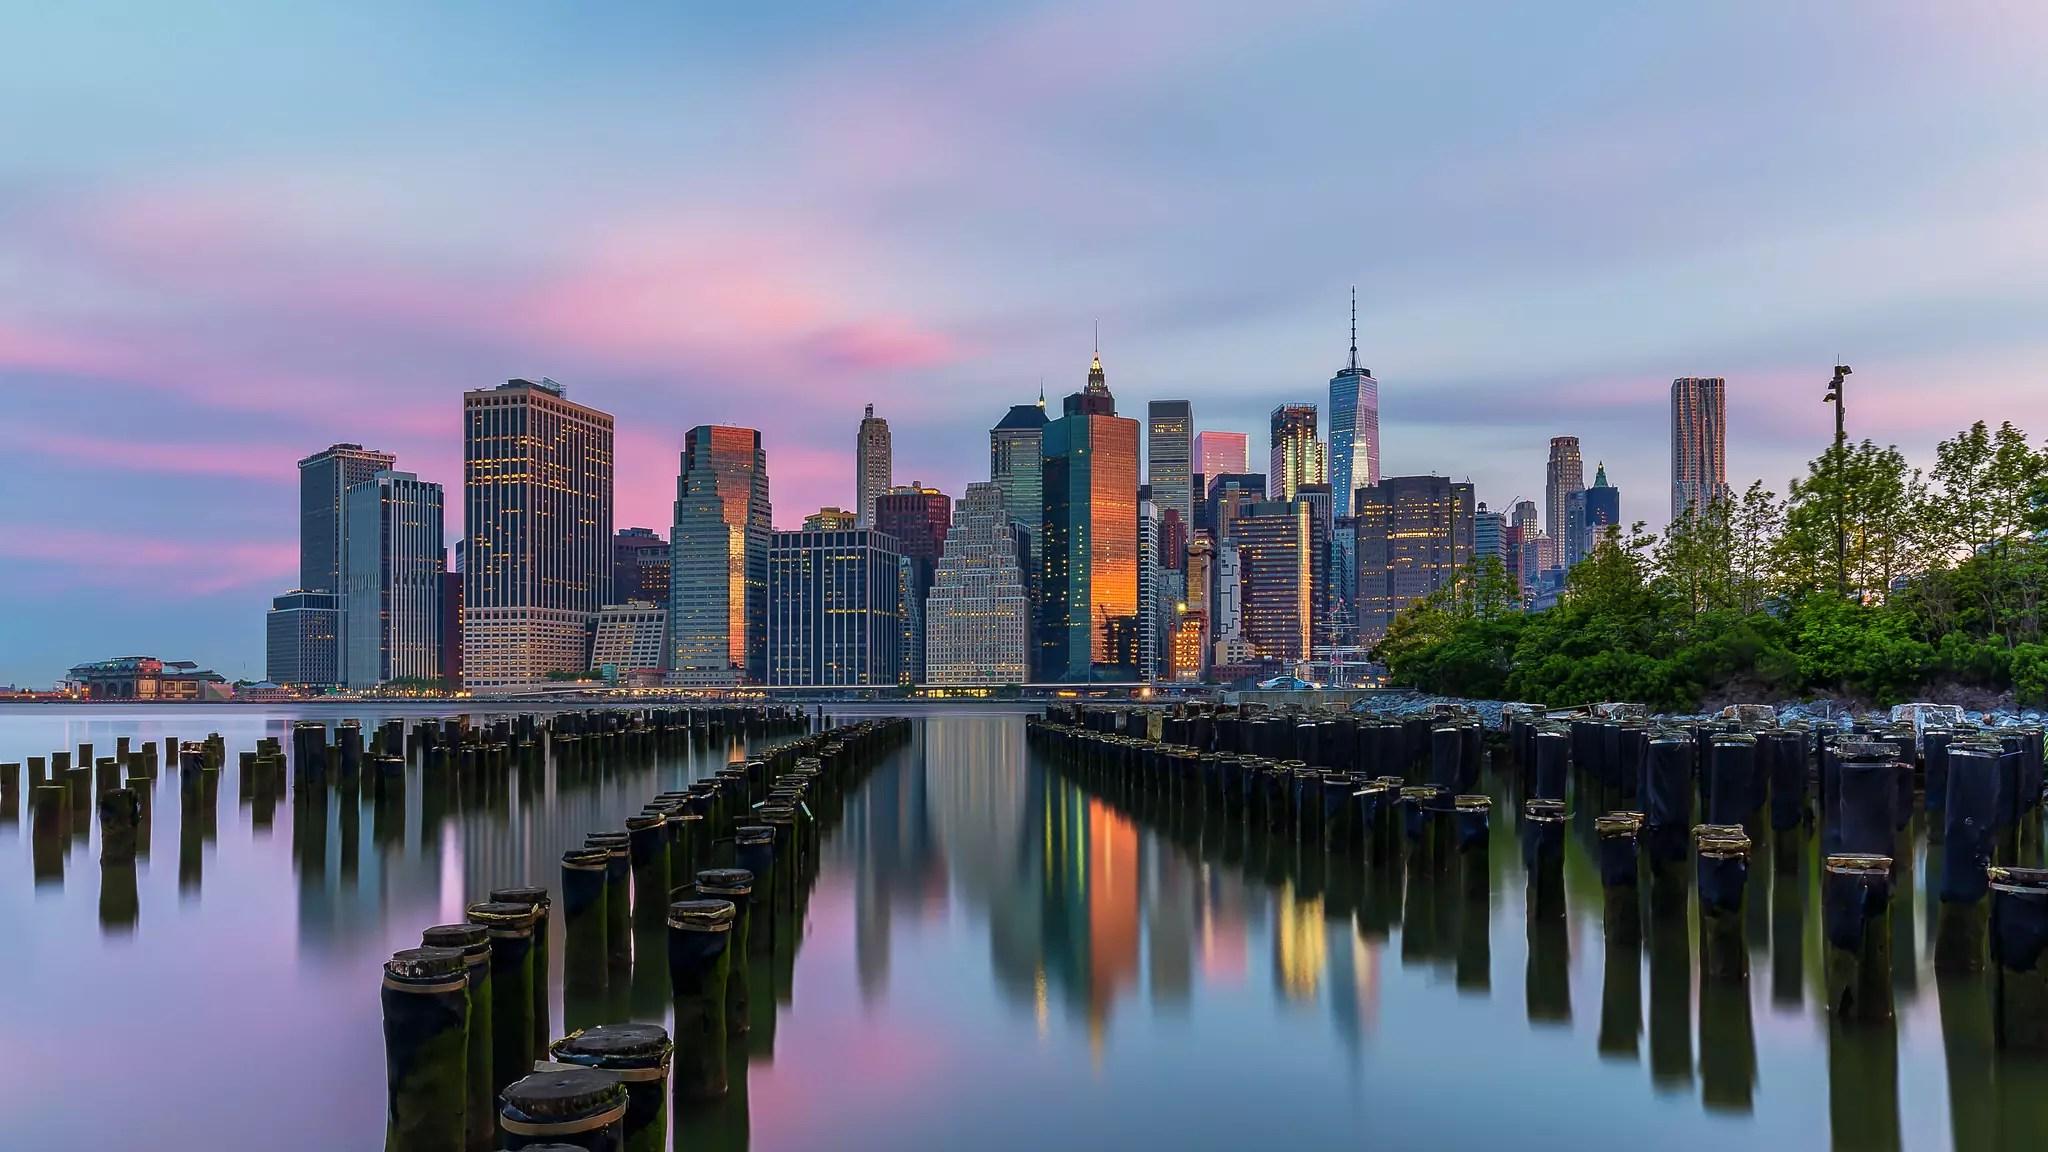 Brooklyn Bridge Park at sunrise - photo by Lukas Schlagenhauf under CC BY-ND 2.0